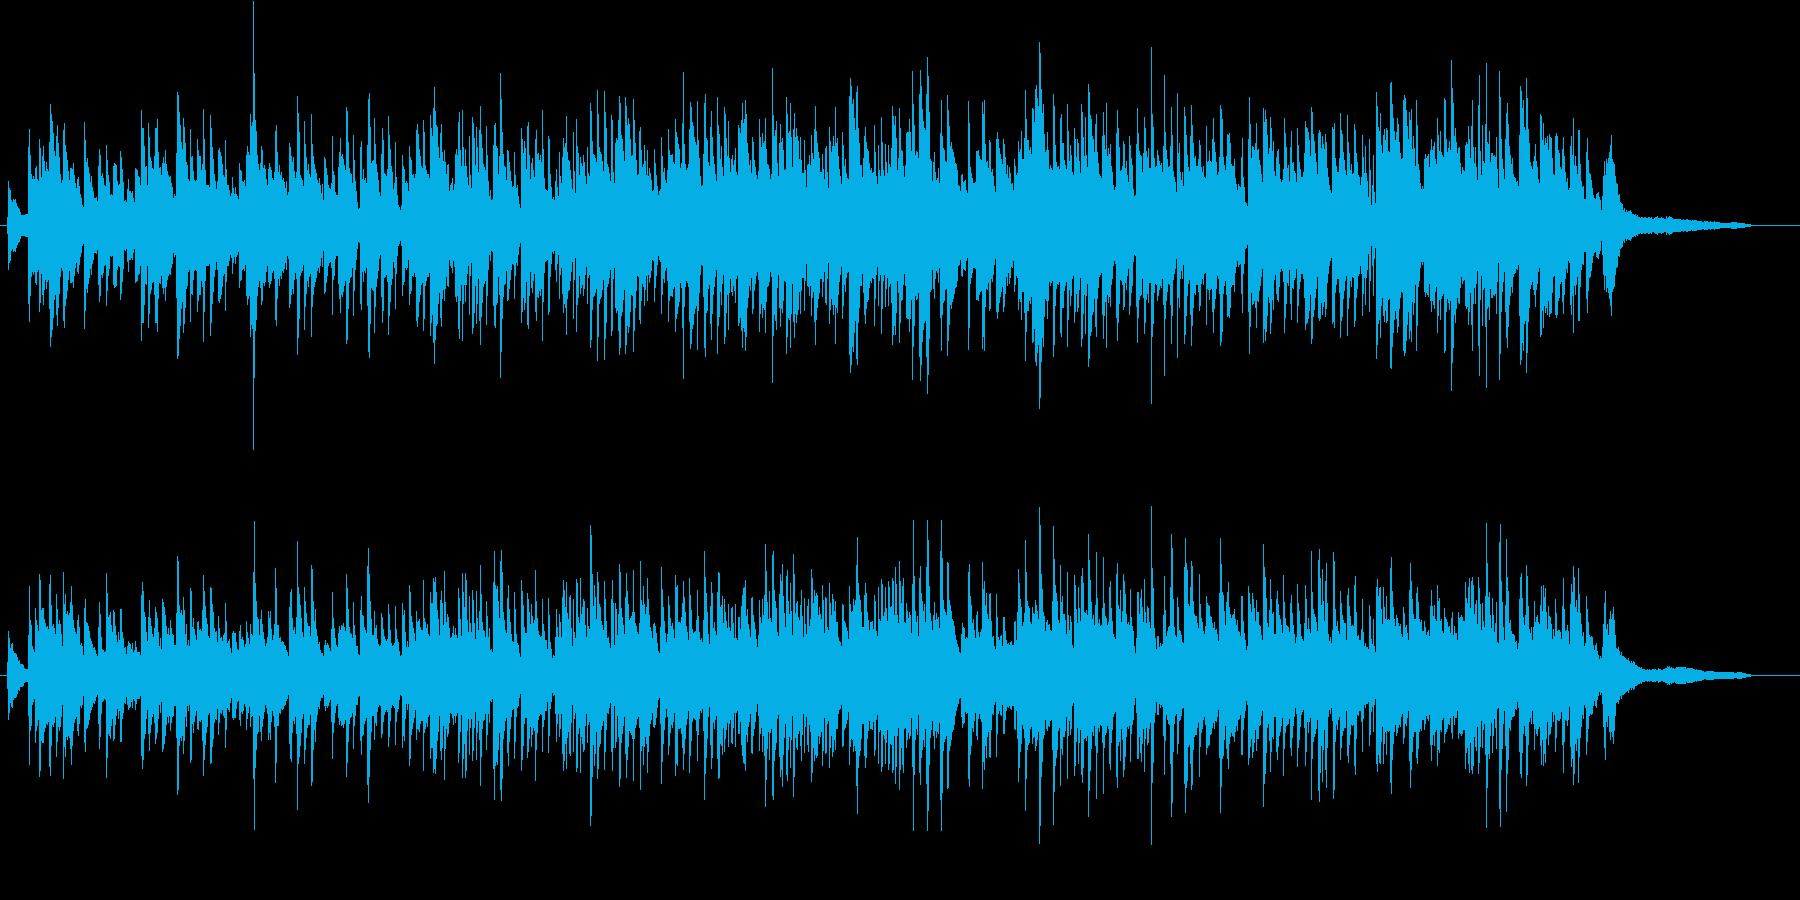 幻想的ピアノ曲の再生済みの波形